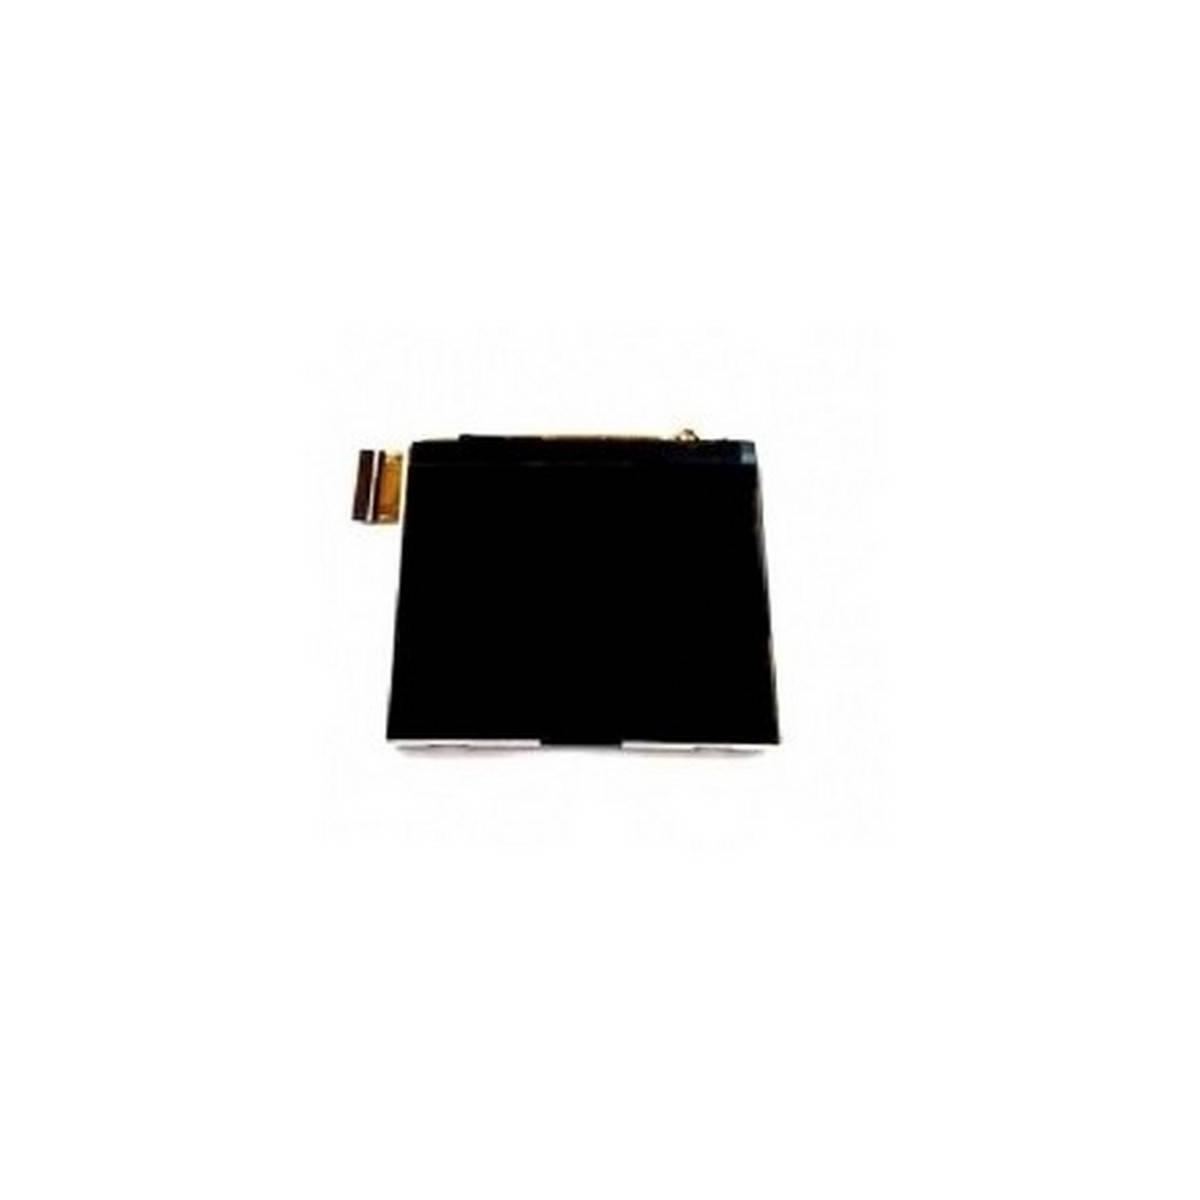 Display Ecrã LCD Alcatel OT-813